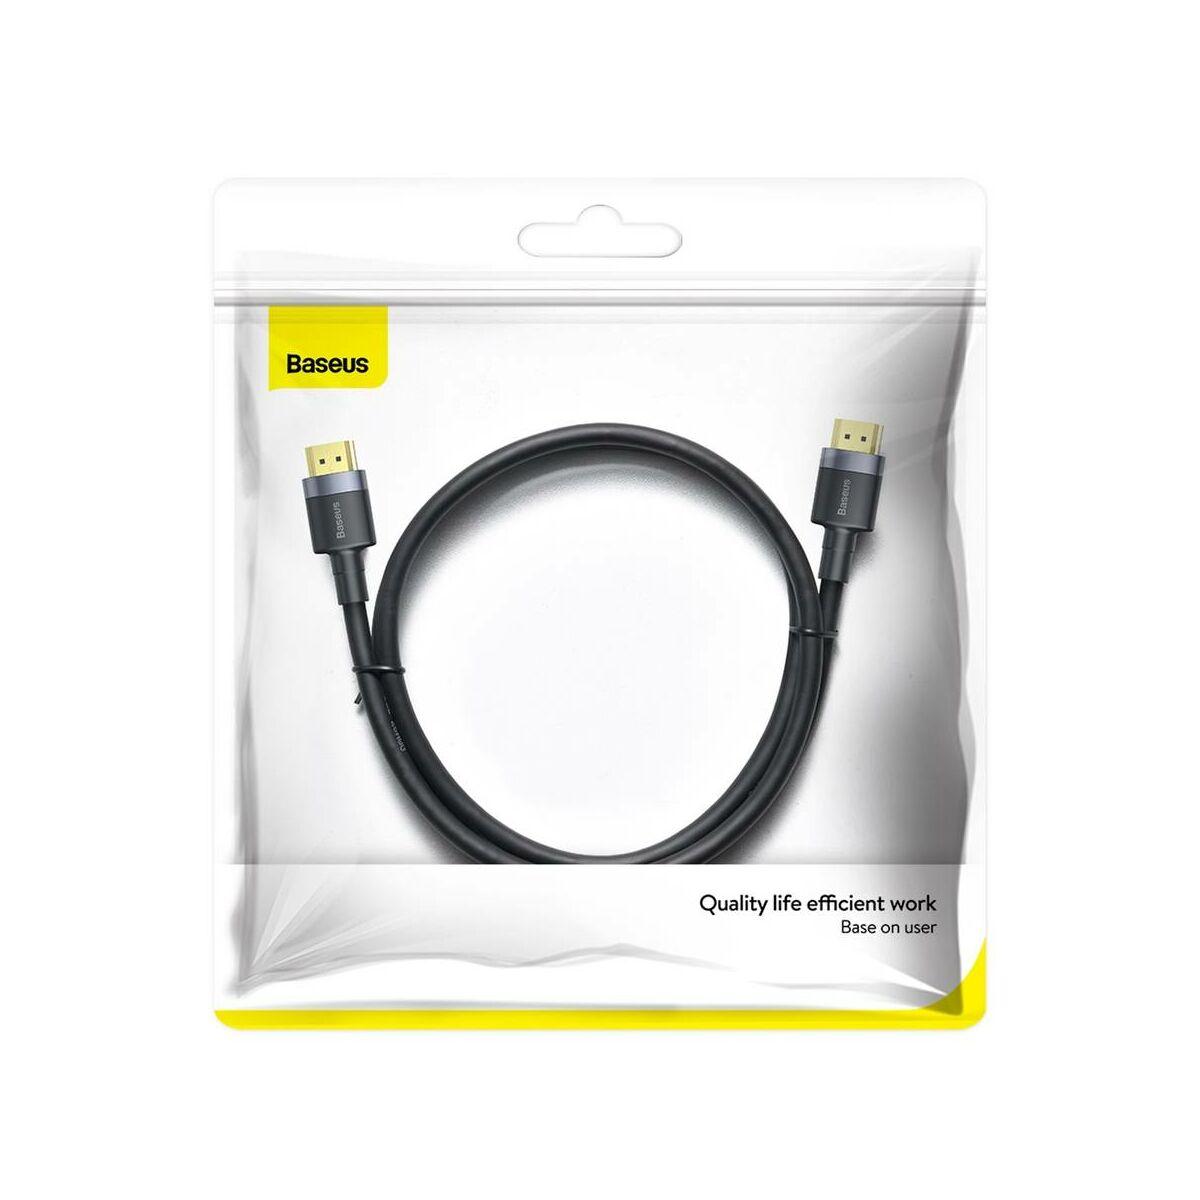 Baseus Video kábel, Cafule 4KHDMI [apa] - 4KHDMI [apa] 2m, fekete (CADKFL-F01)